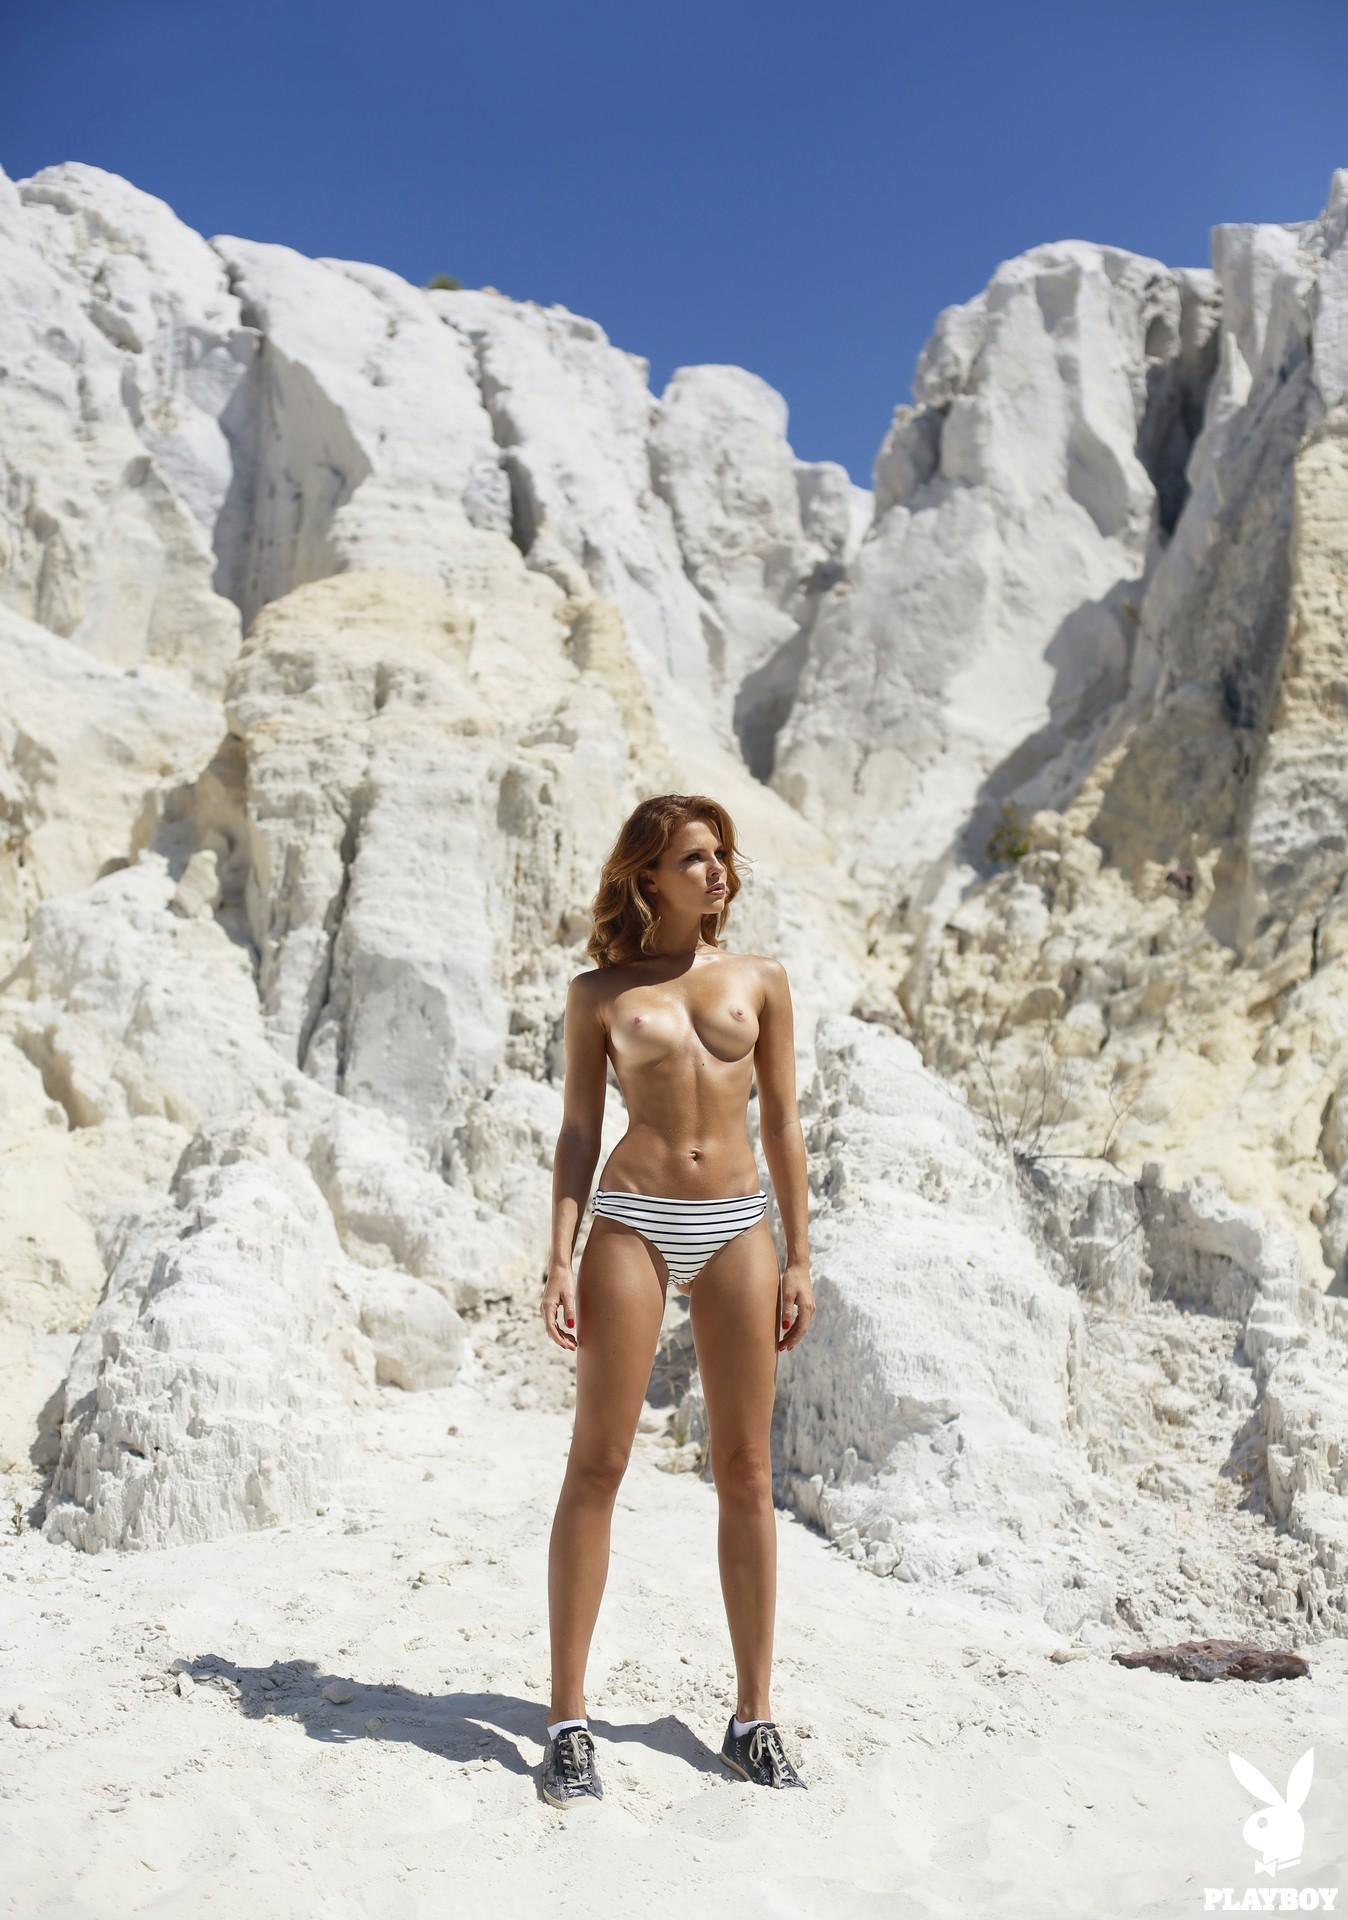 Playmate July 2018: Valeria Lakhina - Playboy Plus 45